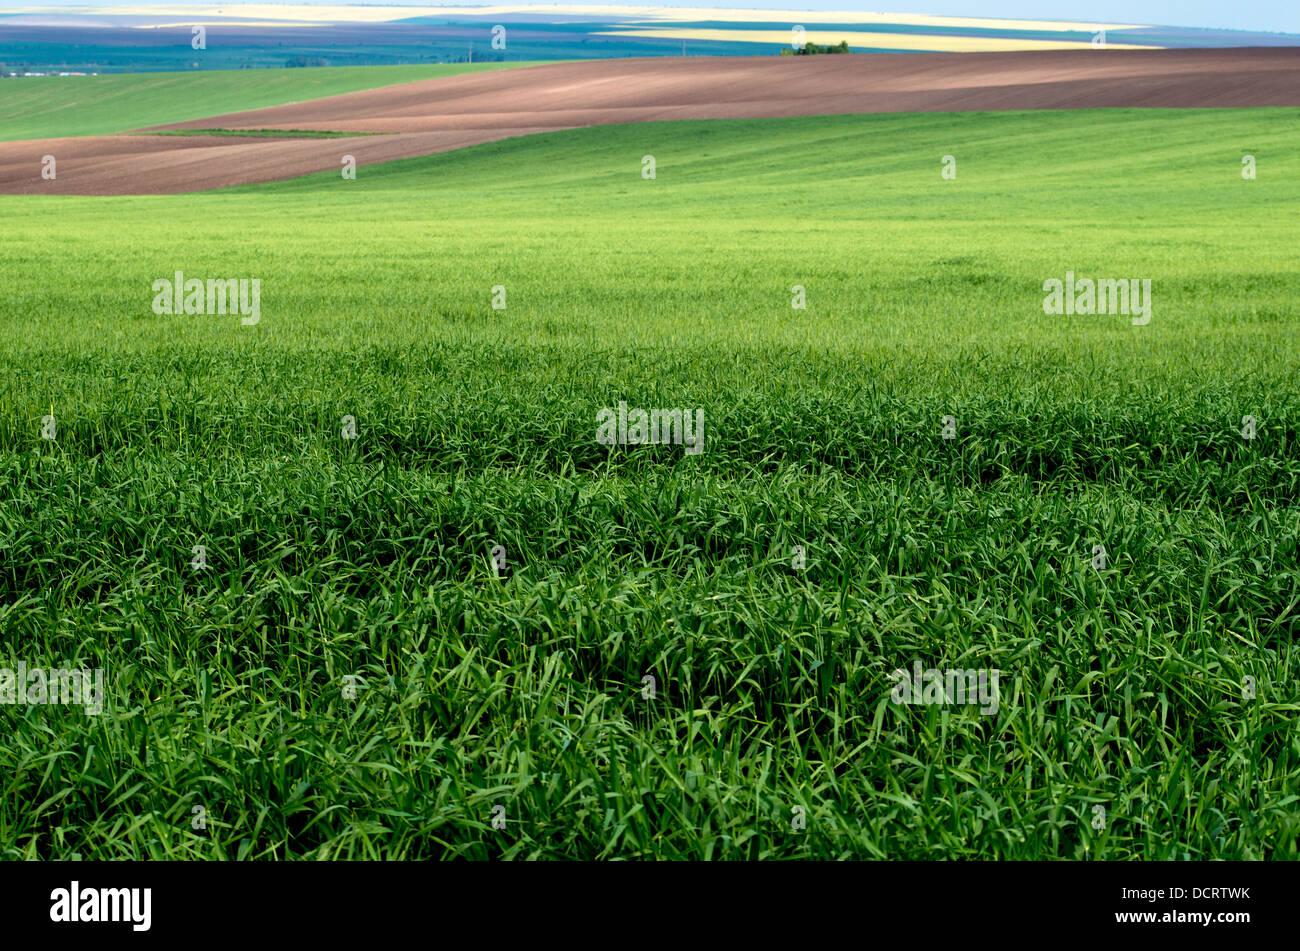 La molla del paesaggio. Grano verde campo. Immagini Stock